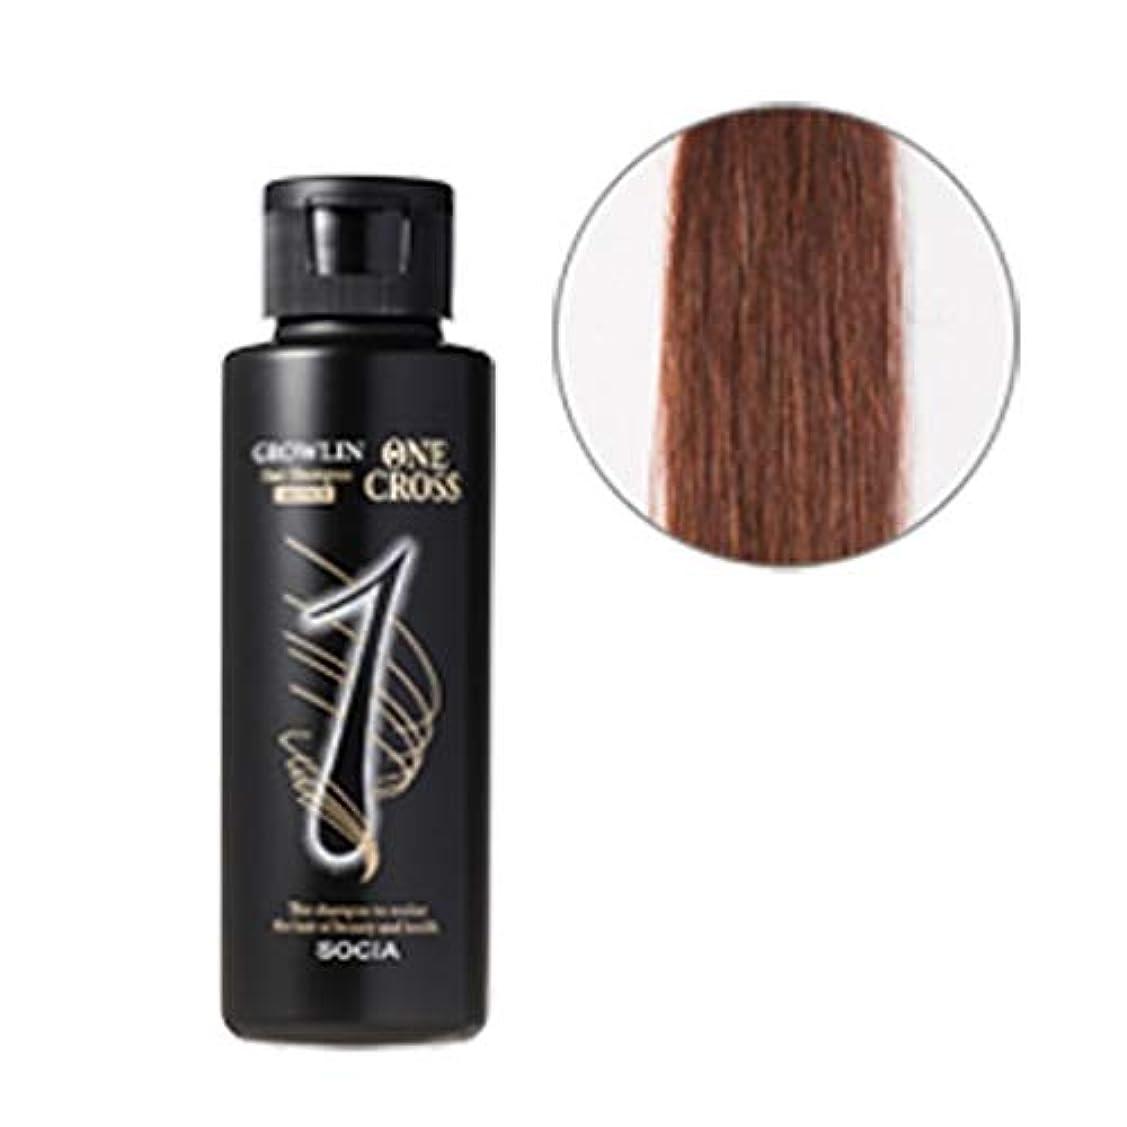 デイジーアマゾンジャングル購入ソシア (SOCIA) グローリン?ワンクロス (ブラウン) 自然に染まる 白髪染めシャンプー (100ml 約1ヶ月分) 無添加 アミノ酸系 カラーリングシャンプー